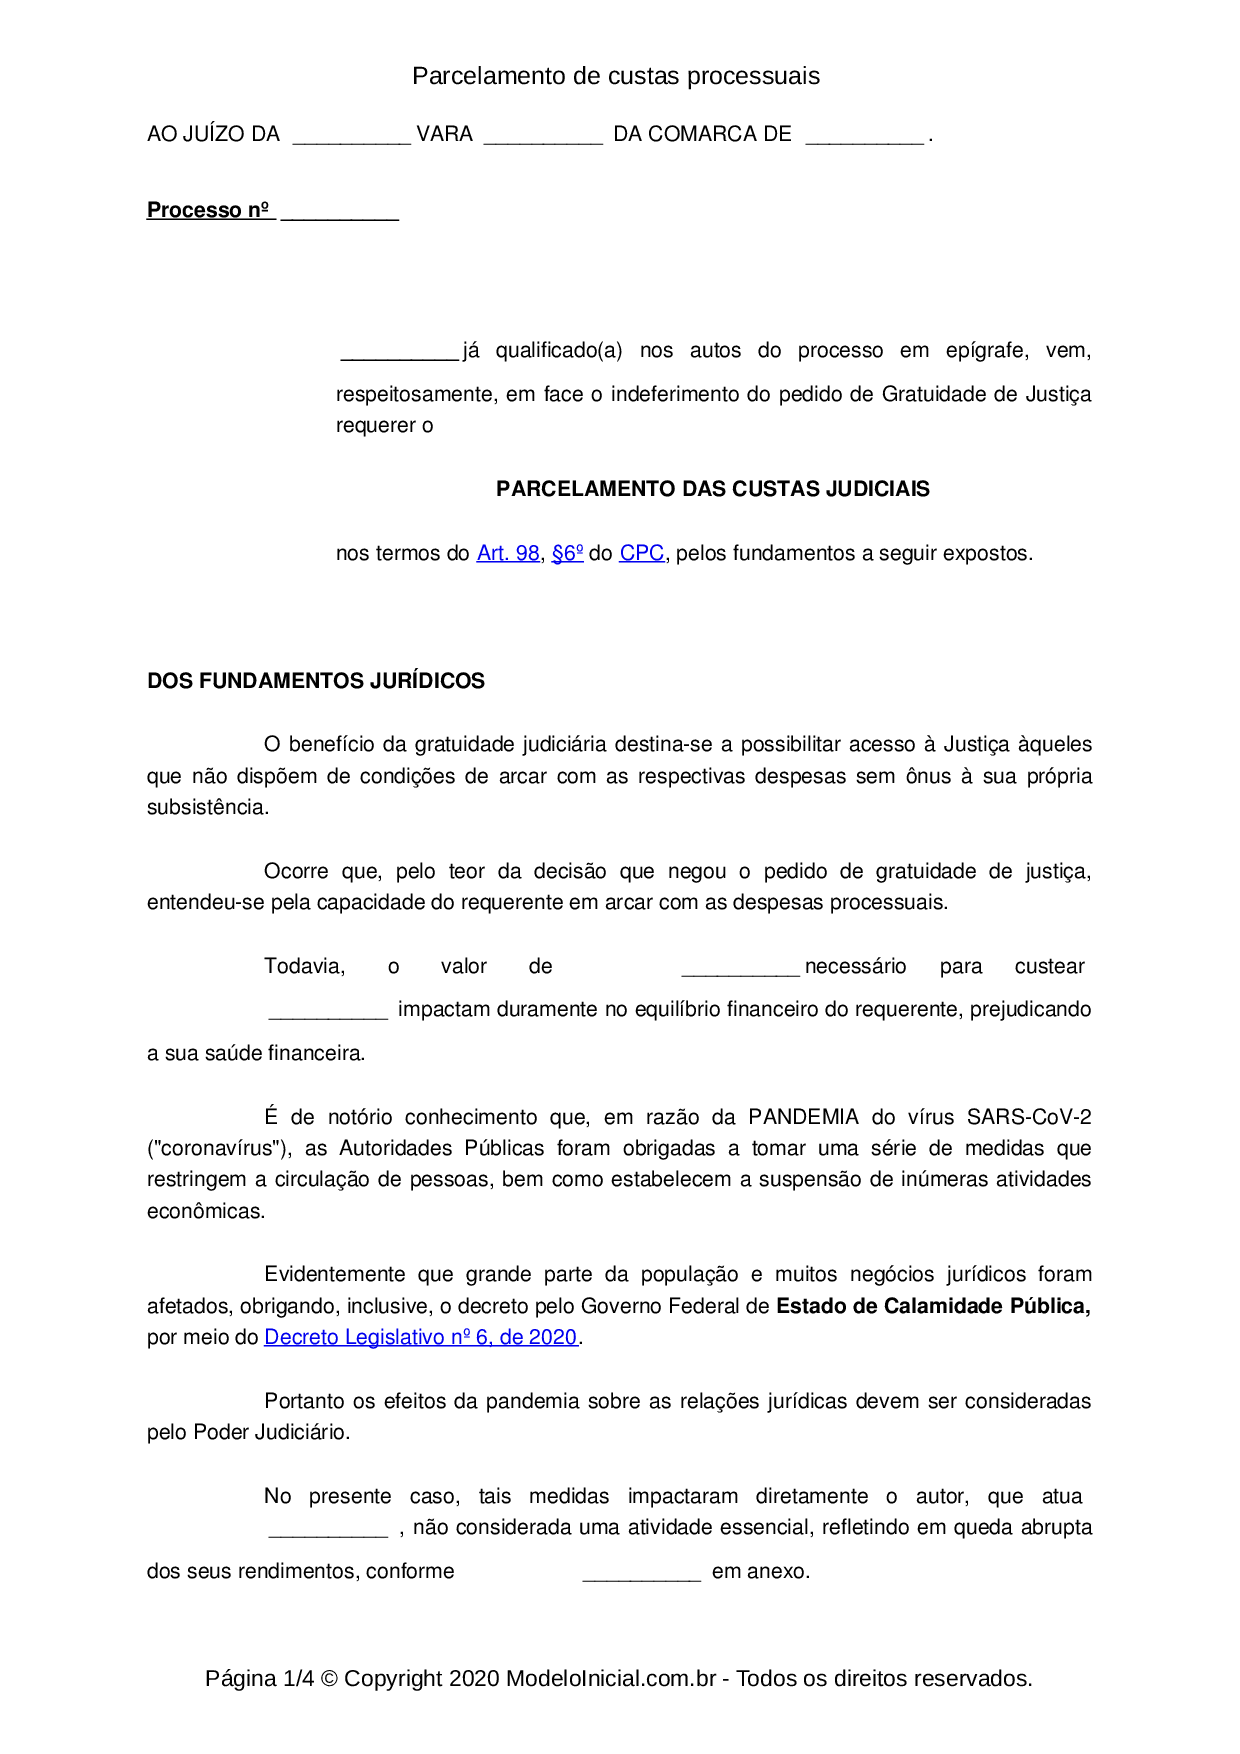 Modelo Petição De Parcelamento De Custas Processuais